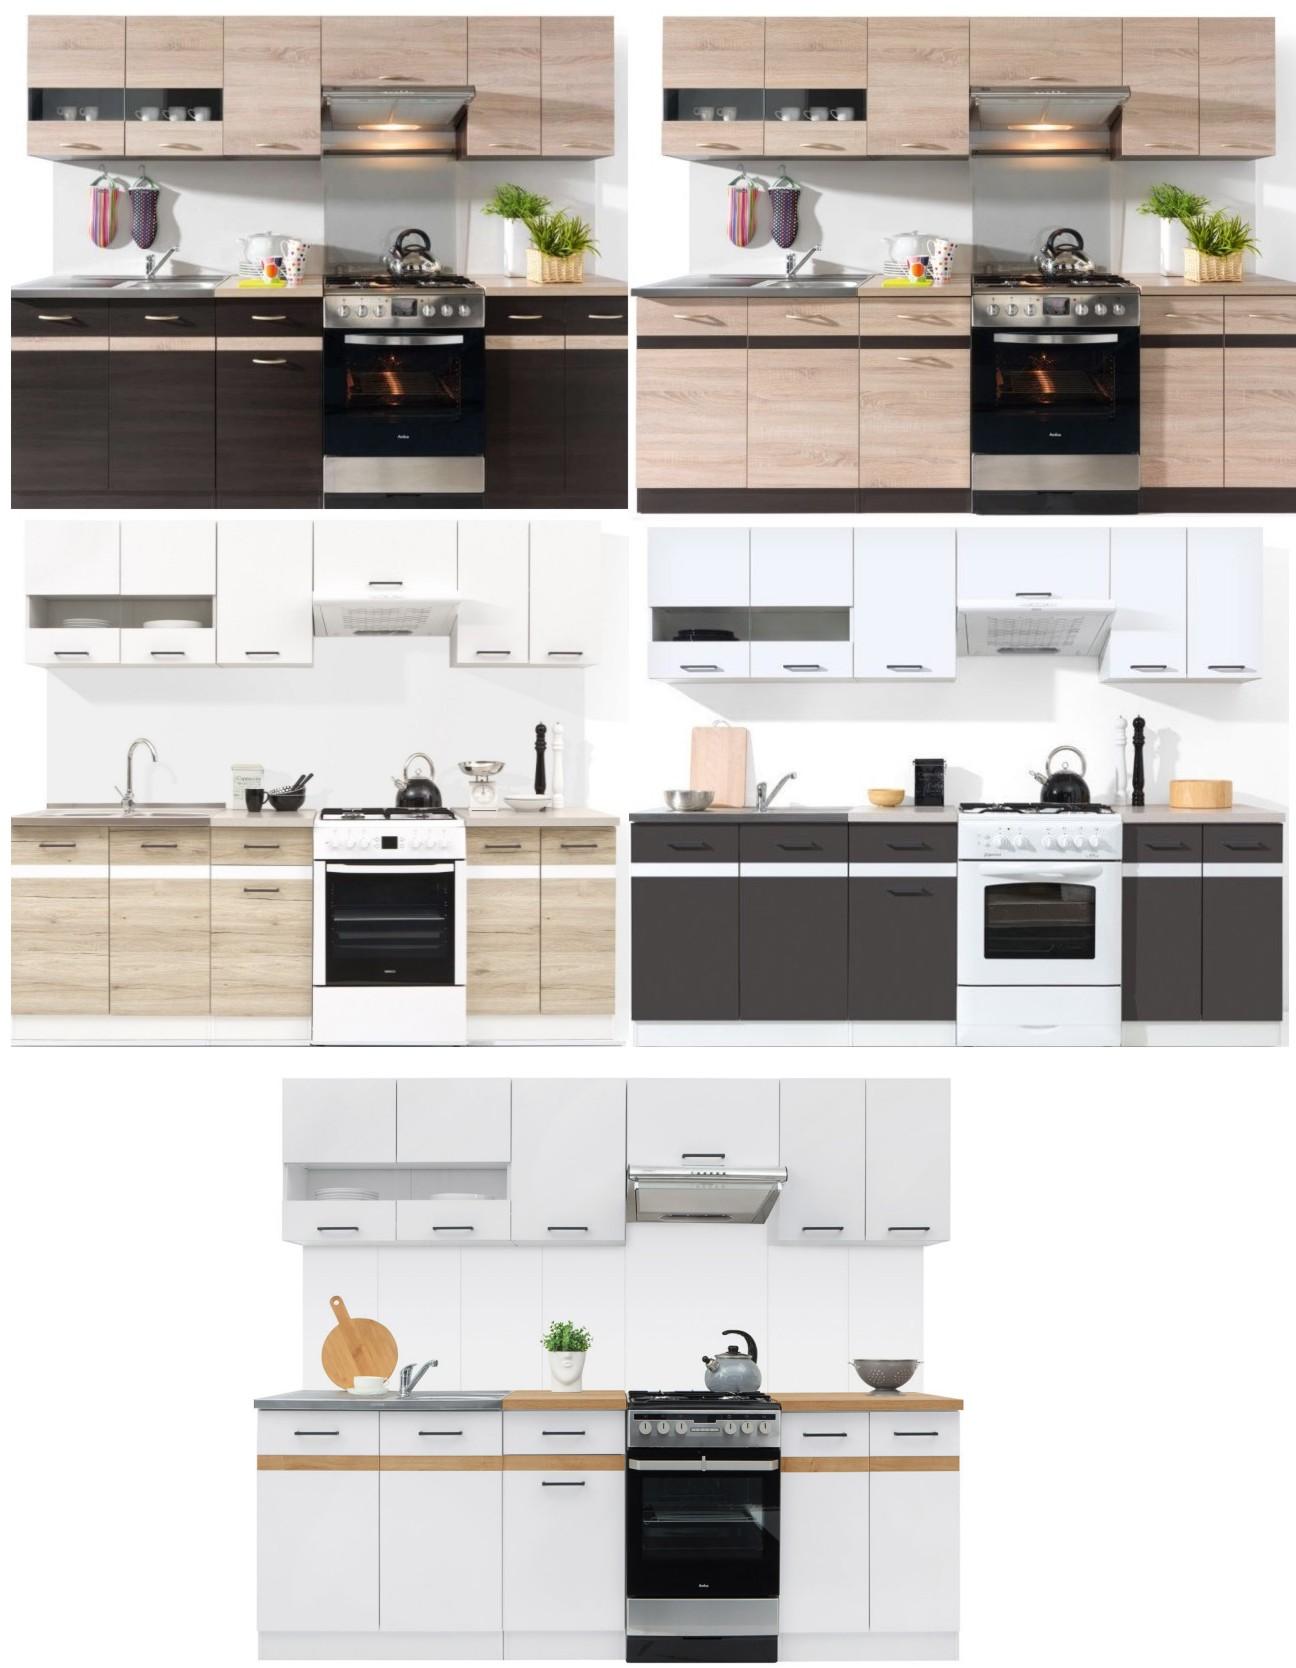 k che 240cm schr nke k chenzeile erweiterbar fronten ausw hlbar neu schnell ebay. Black Bedroom Furniture Sets. Home Design Ideas